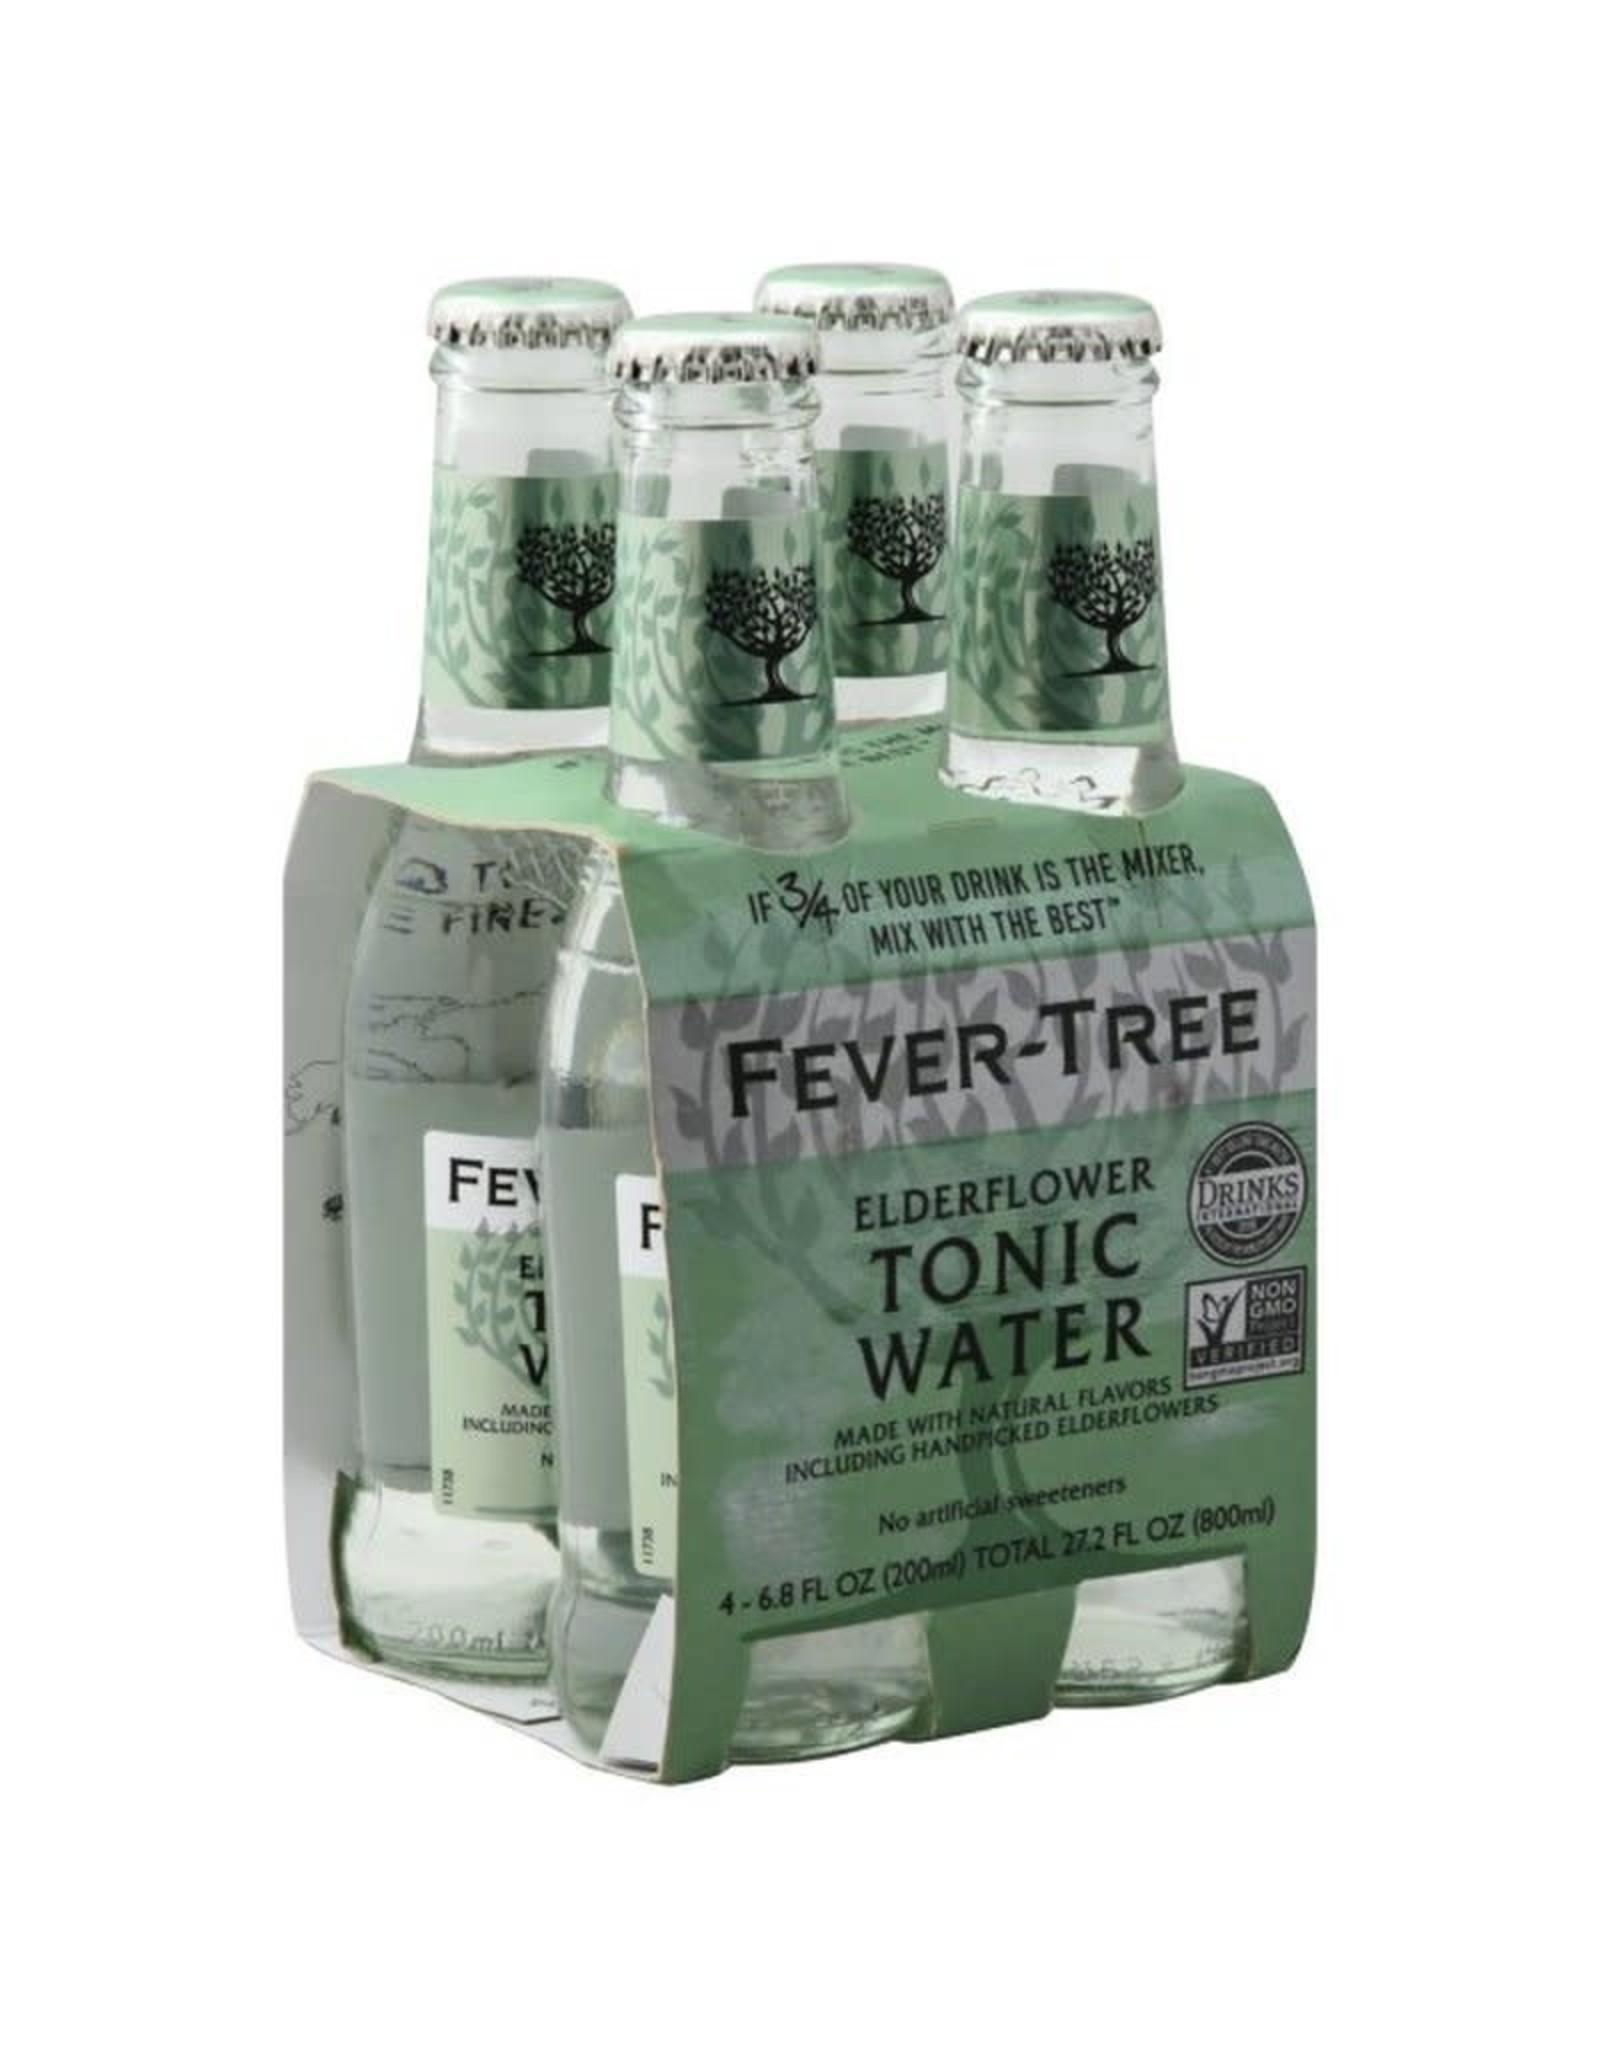 Fever-Tree Fever-Tree Elderflower Tonic